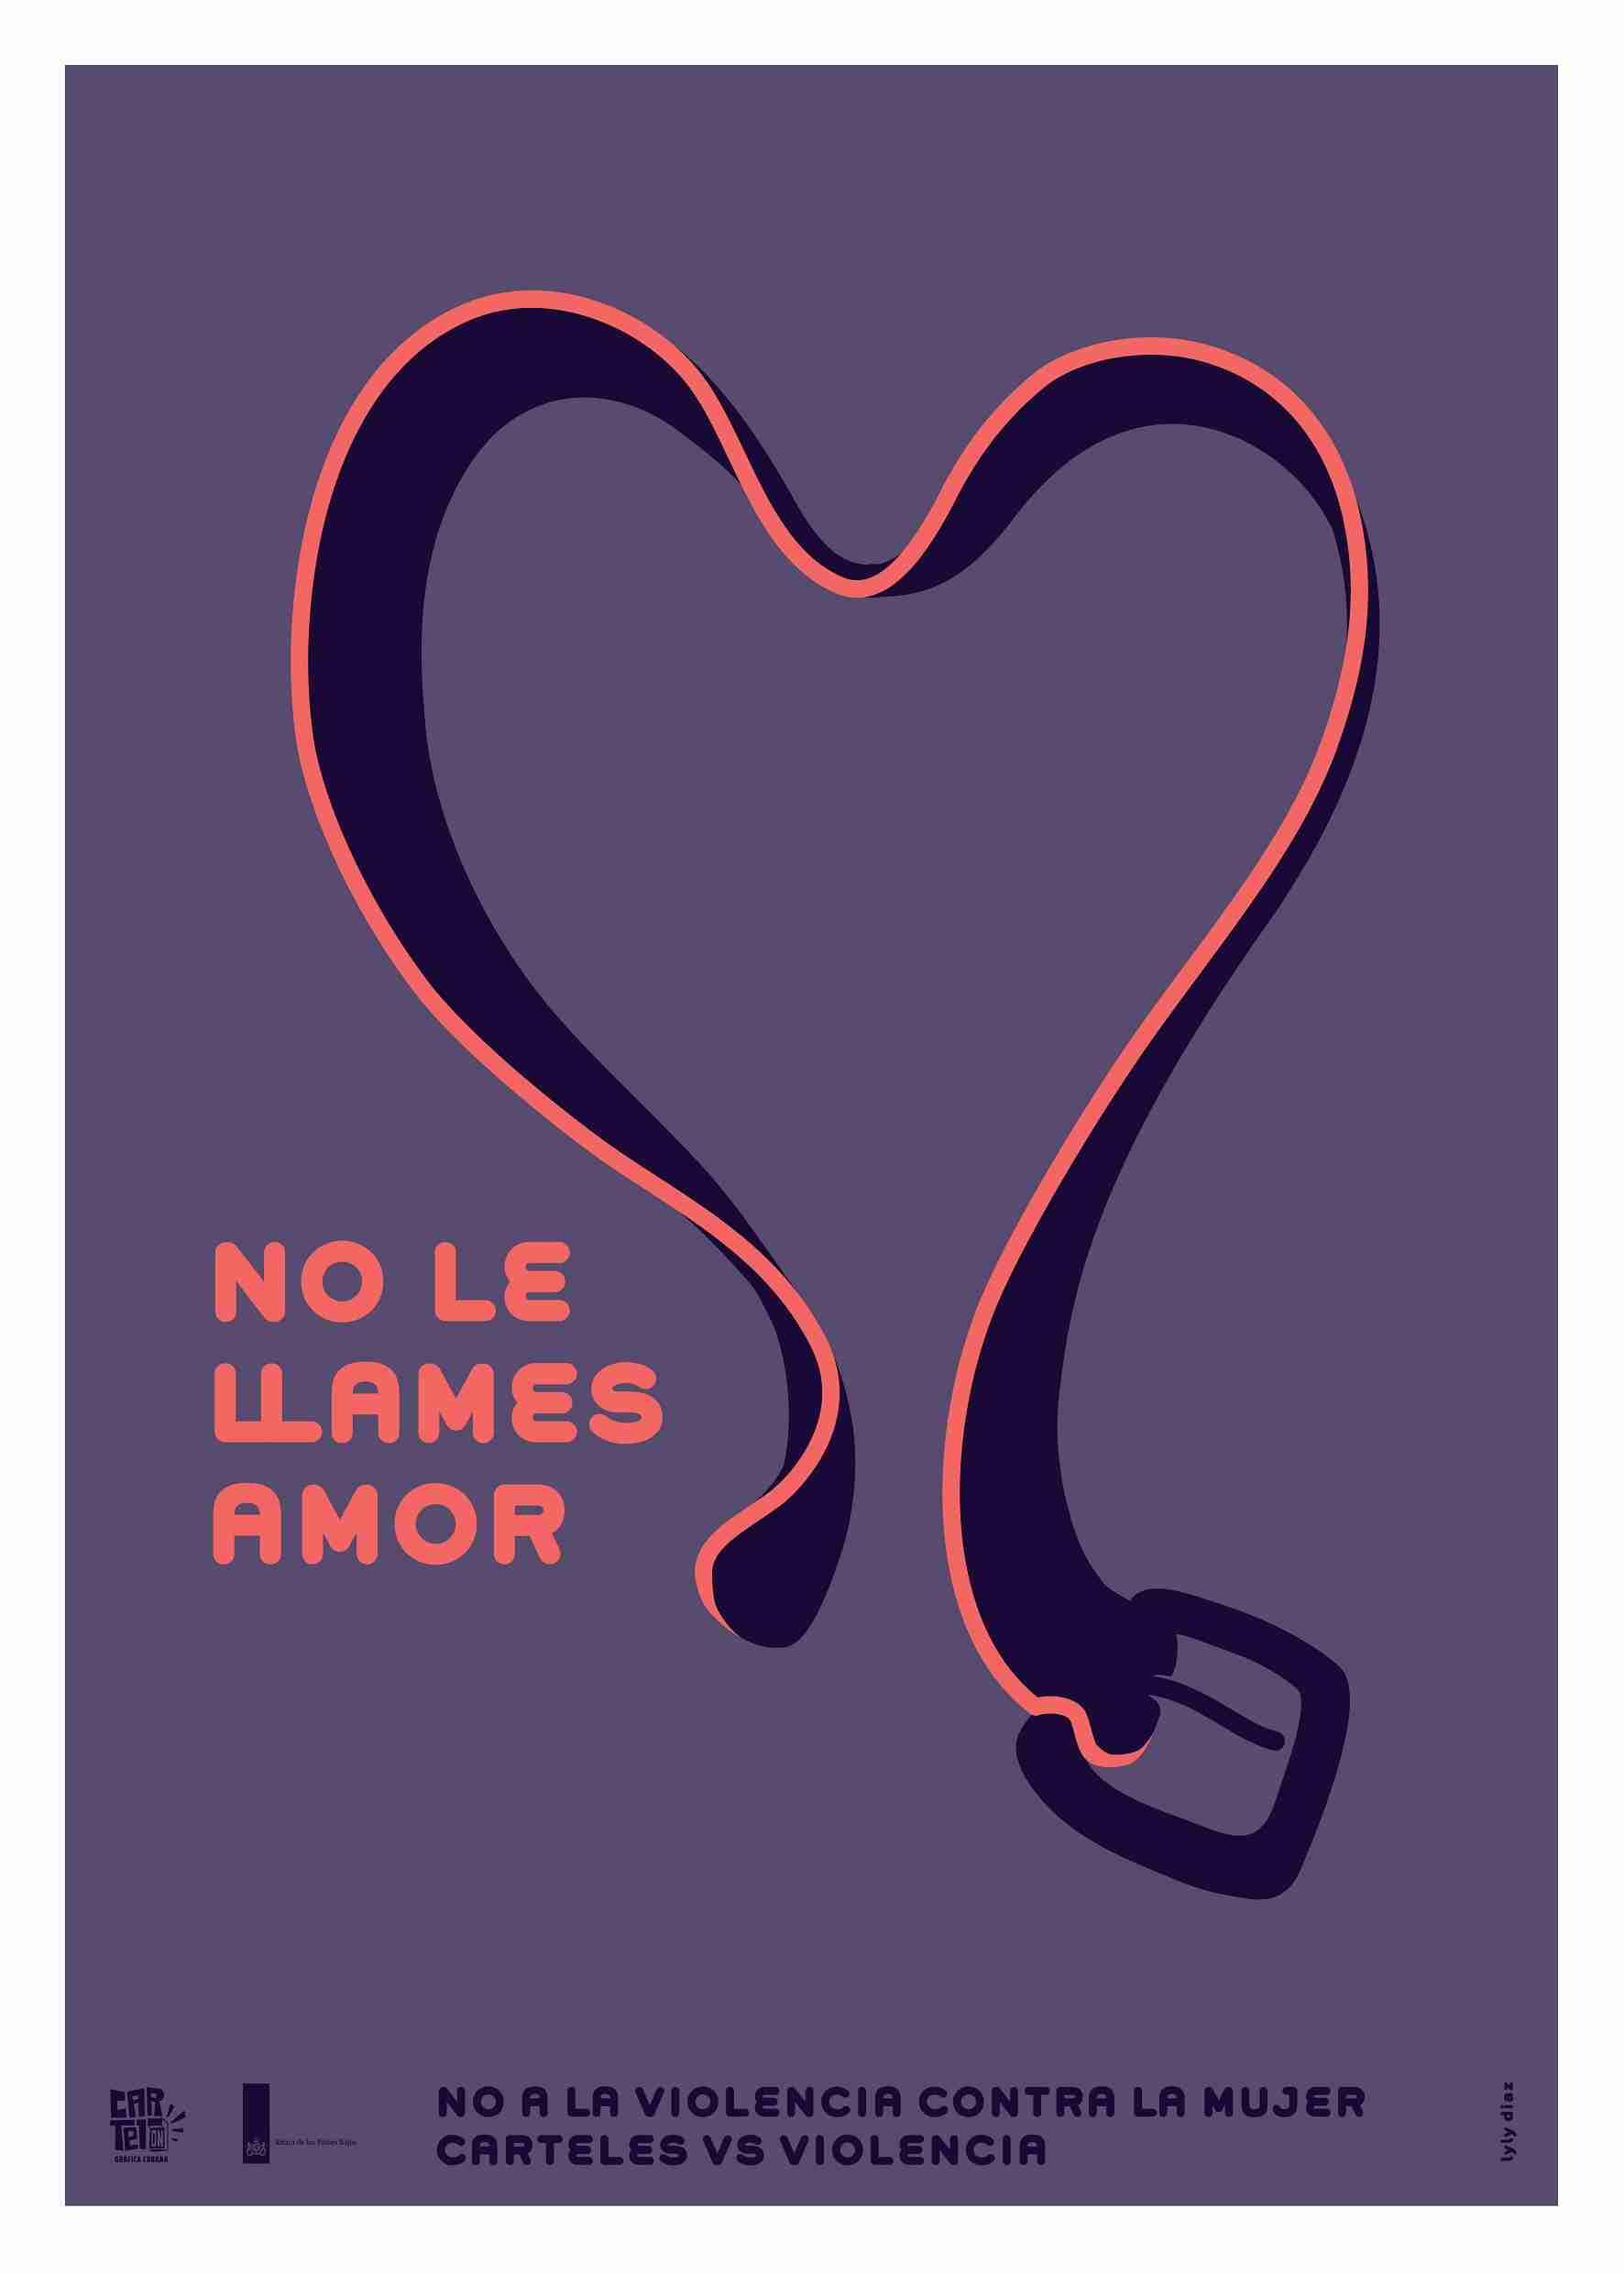 Obra: No le llames amor